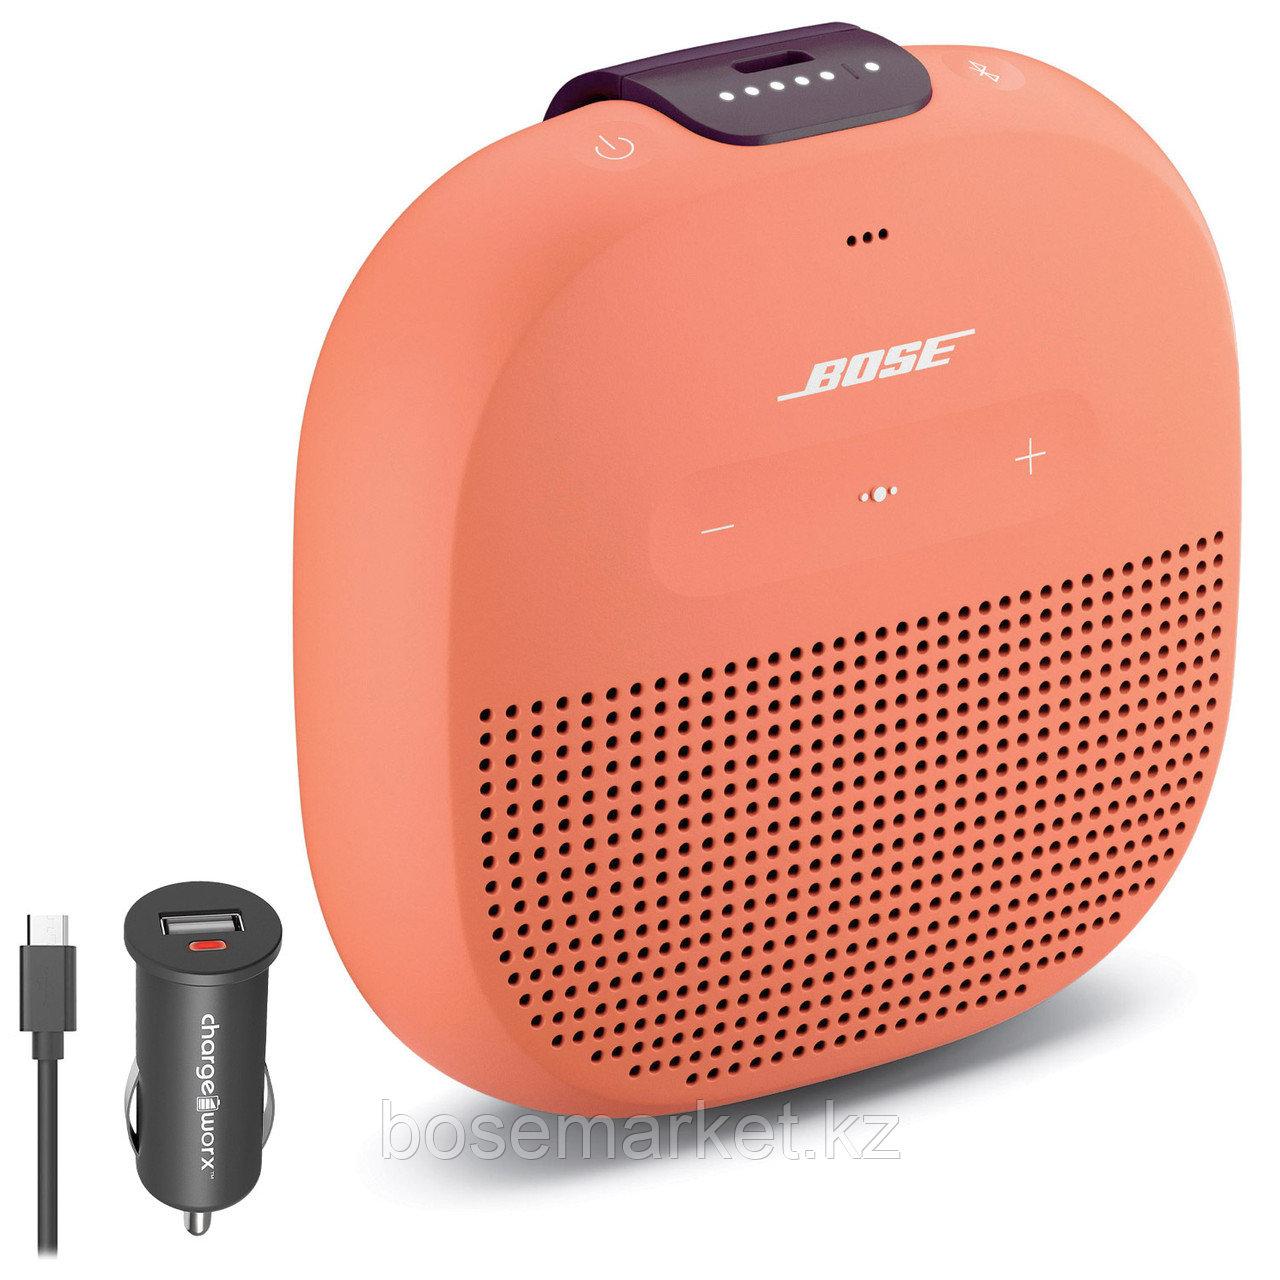 Портативная колонка SoundLink Micro Bose - фото 4